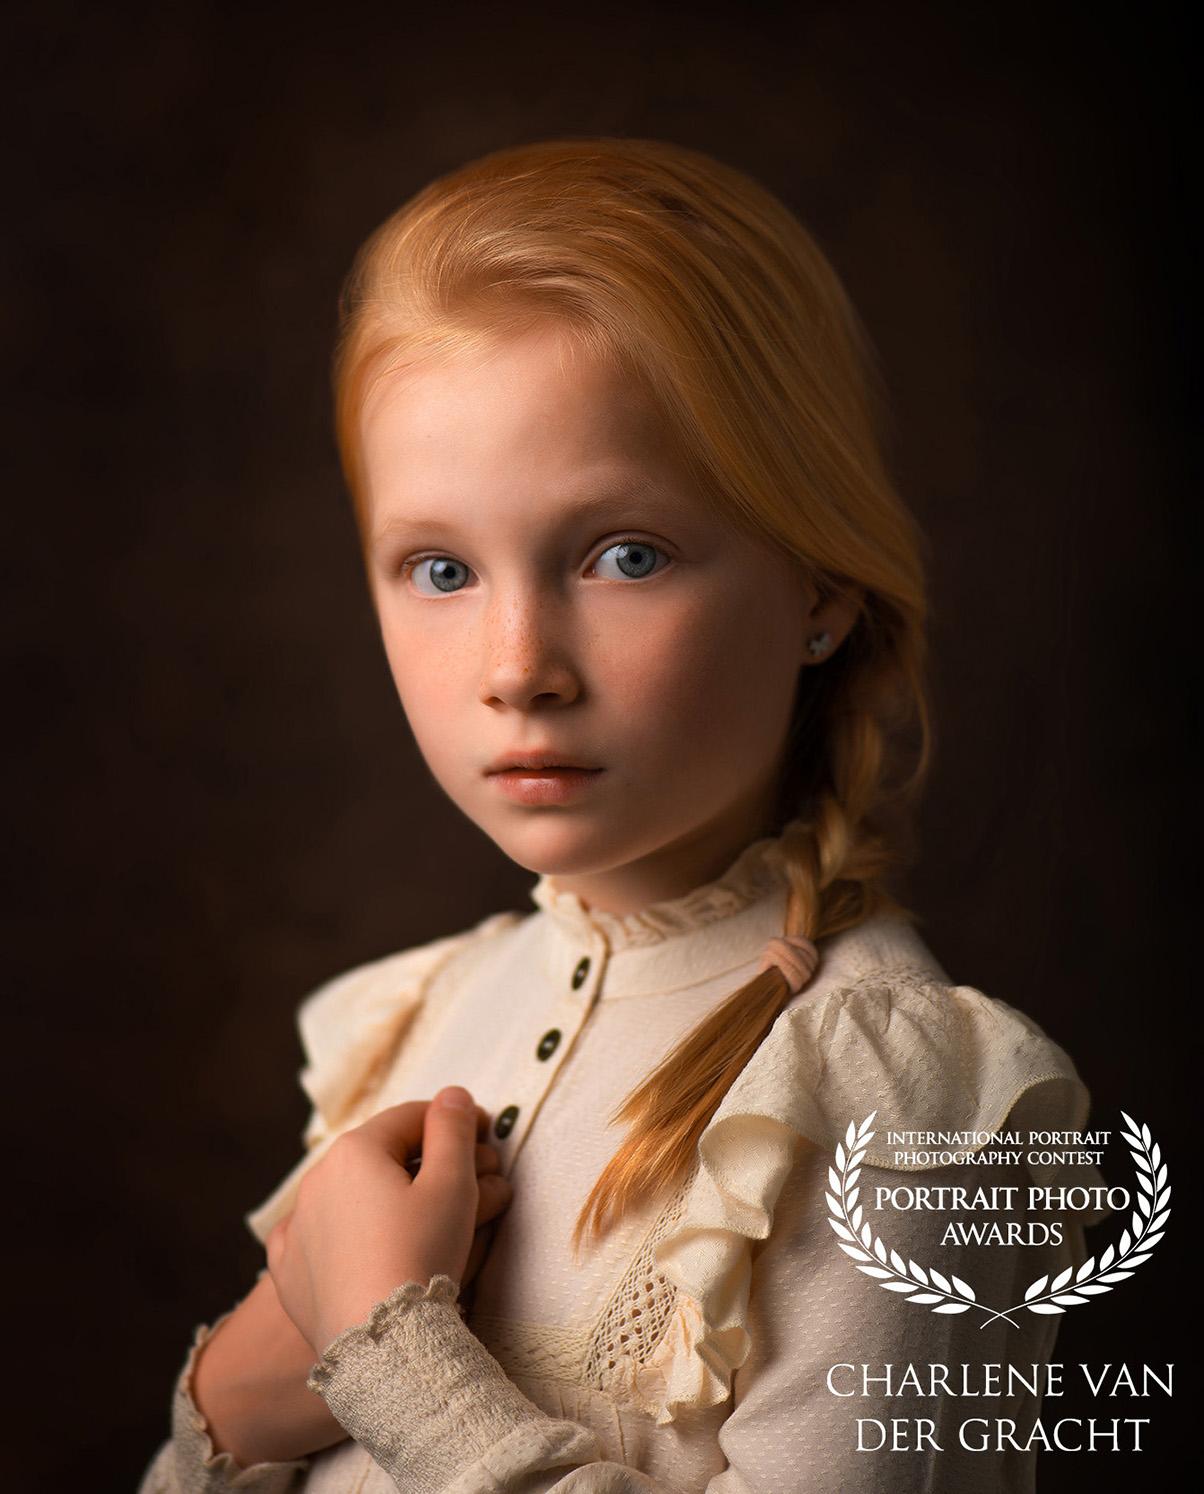 Kinder portret award